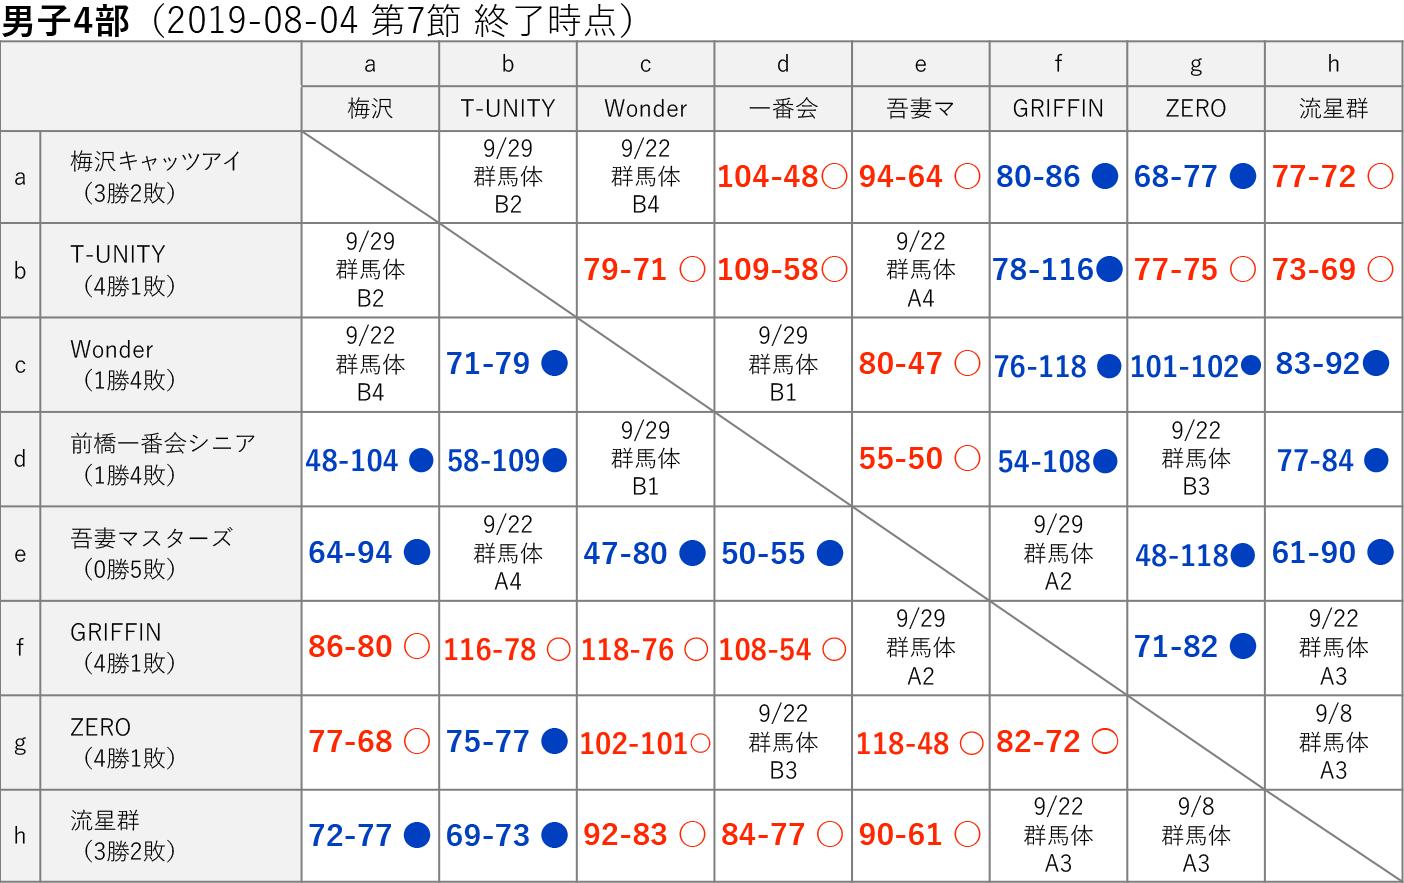 男子4部 星取り表 2019-08-04